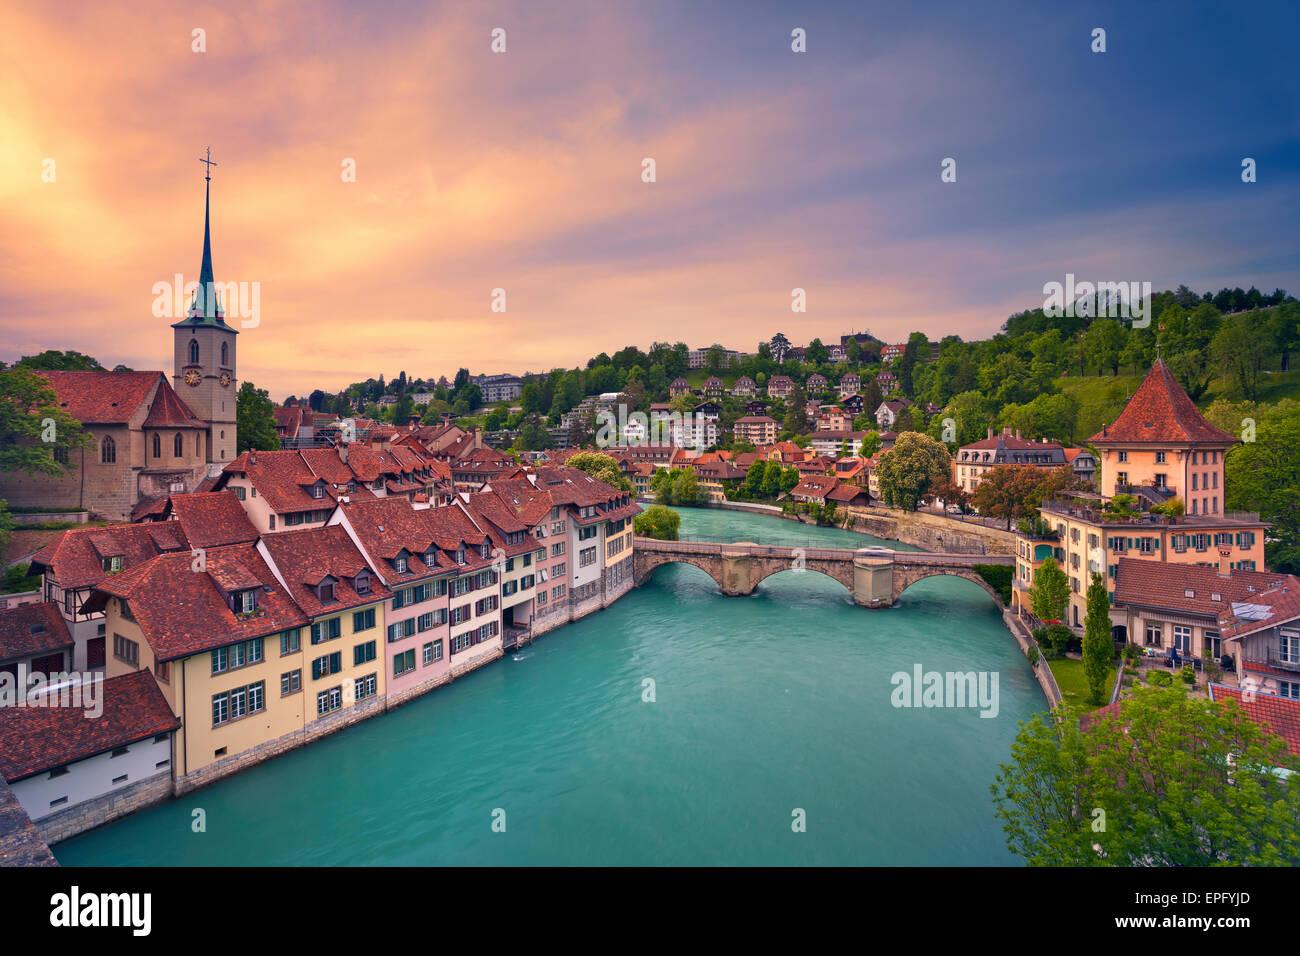 Bern. Bild von Bern, Hauptstadt der Schweiz, während der dramatischen Sonnenuntergang. Stockbild